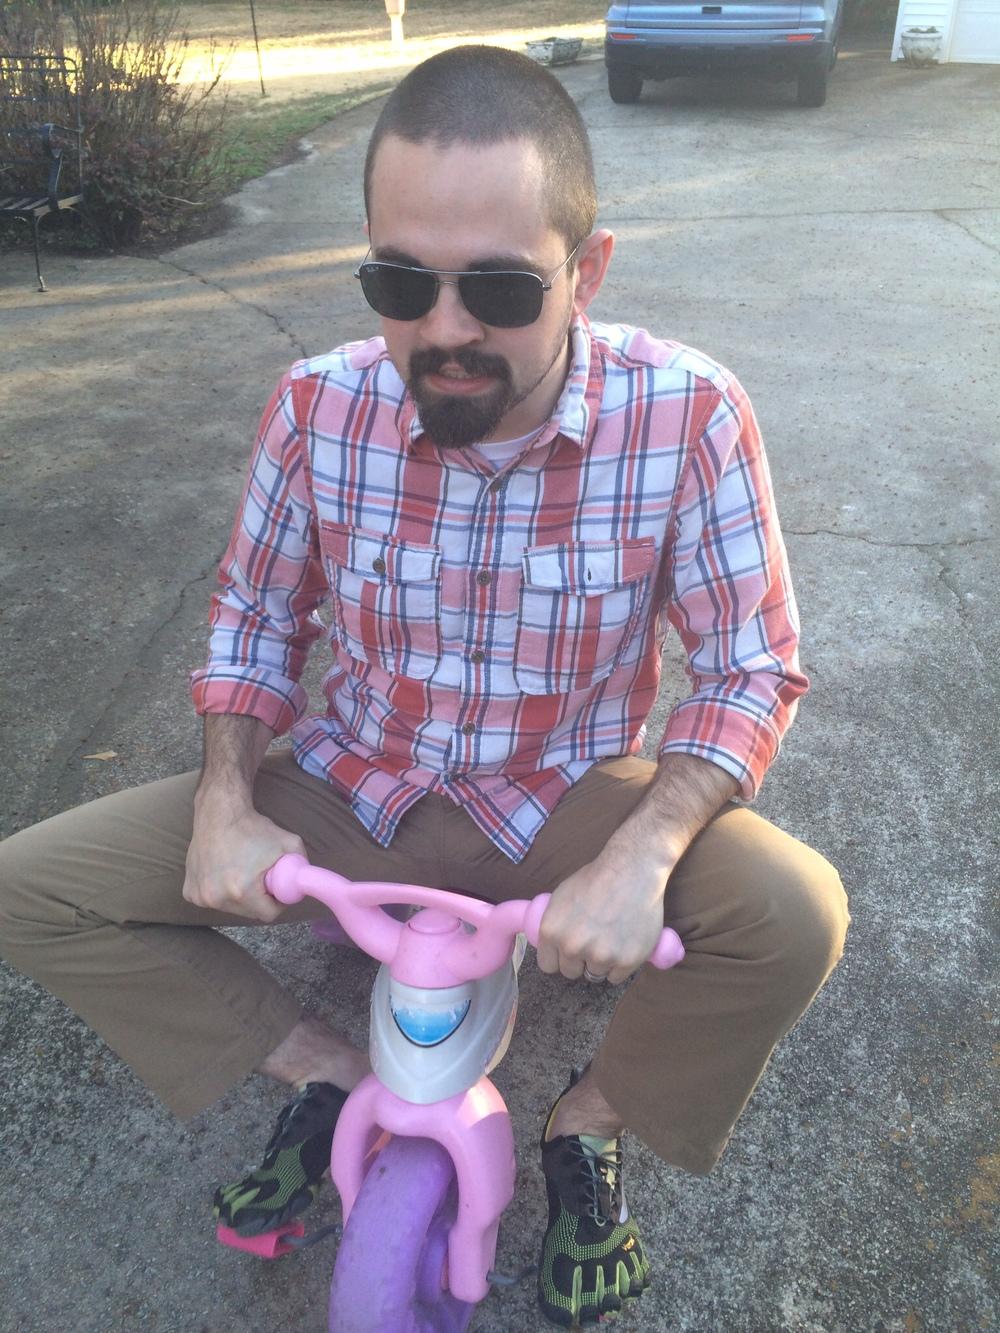 Tiny Bike, big rider